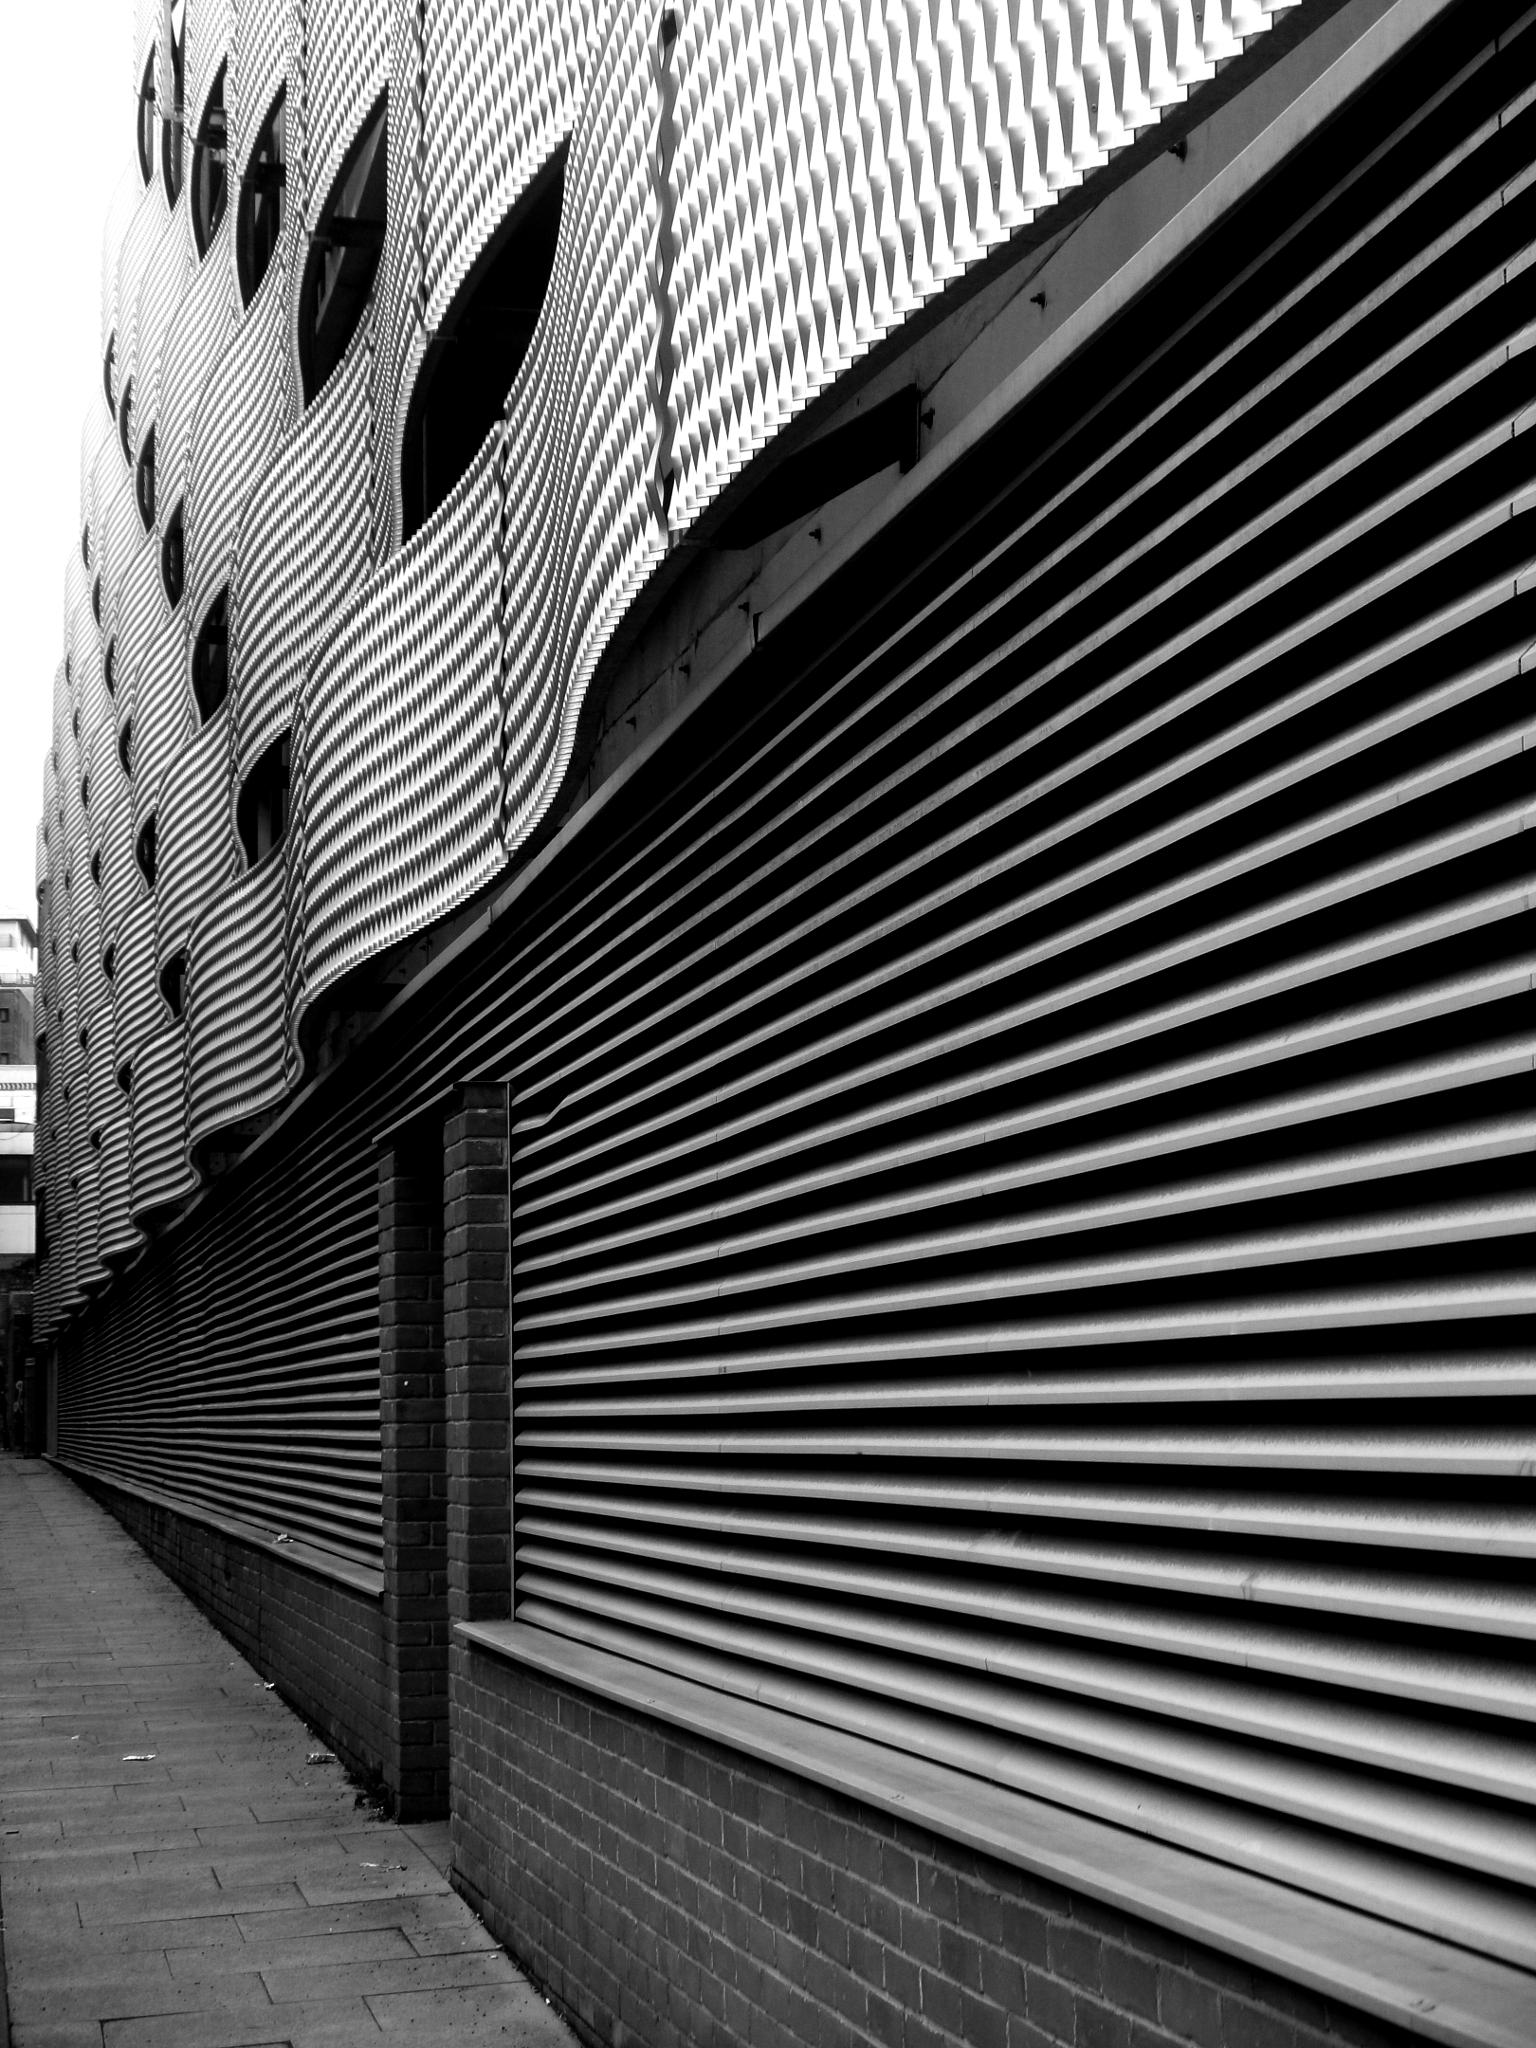 trippet lane by steve simpson